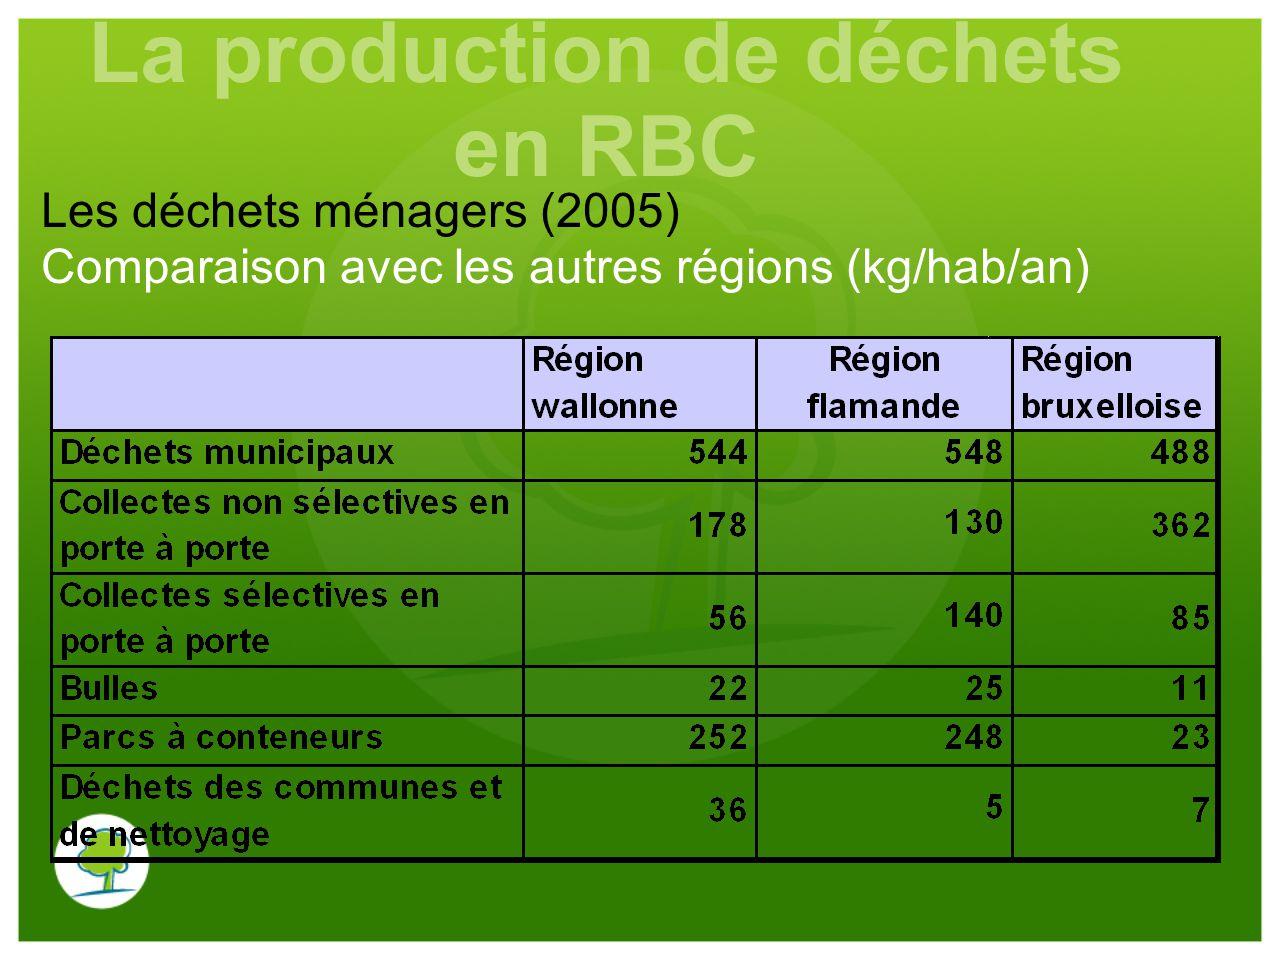 Les déchets ménagers (2005) Comparaison avec les autres régions (kg/hab/an) La production de déchets en RBC